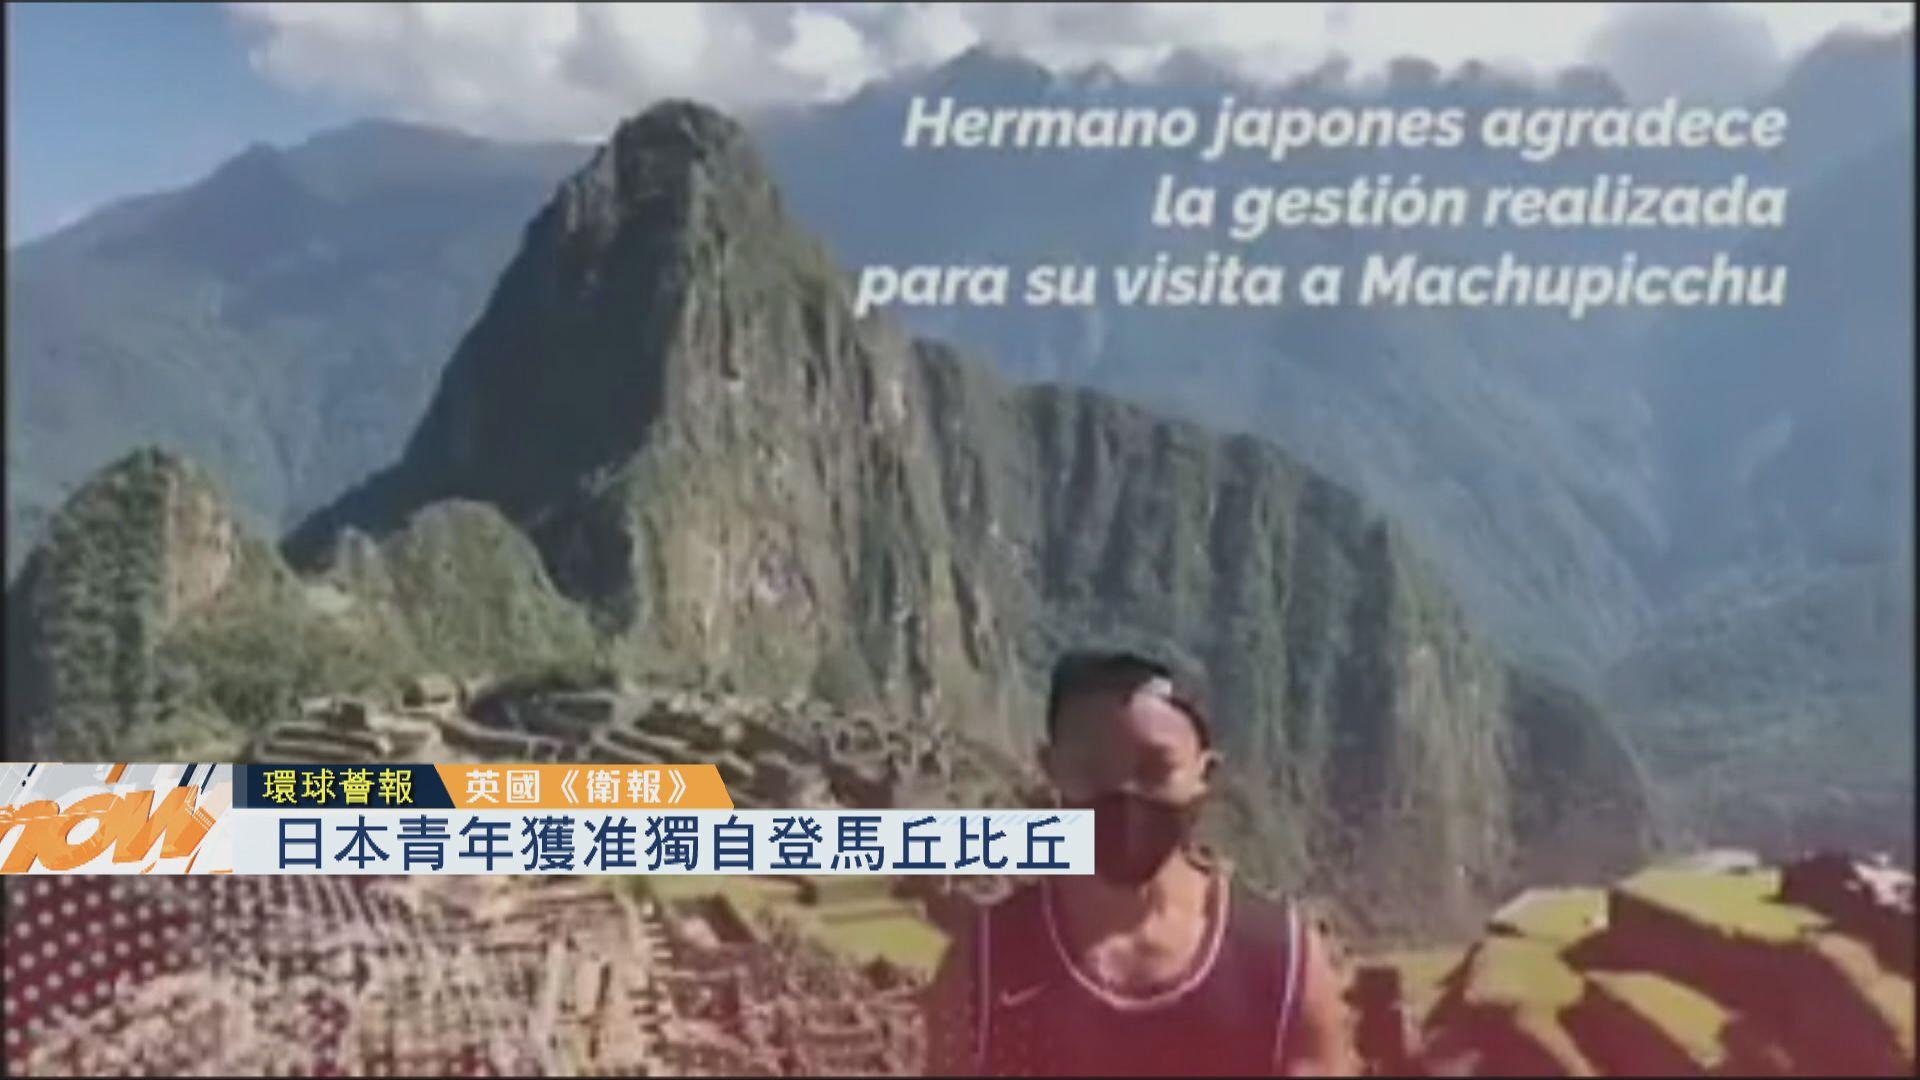 【環球薈報】日本青年獲准獨自登馬丘比丘